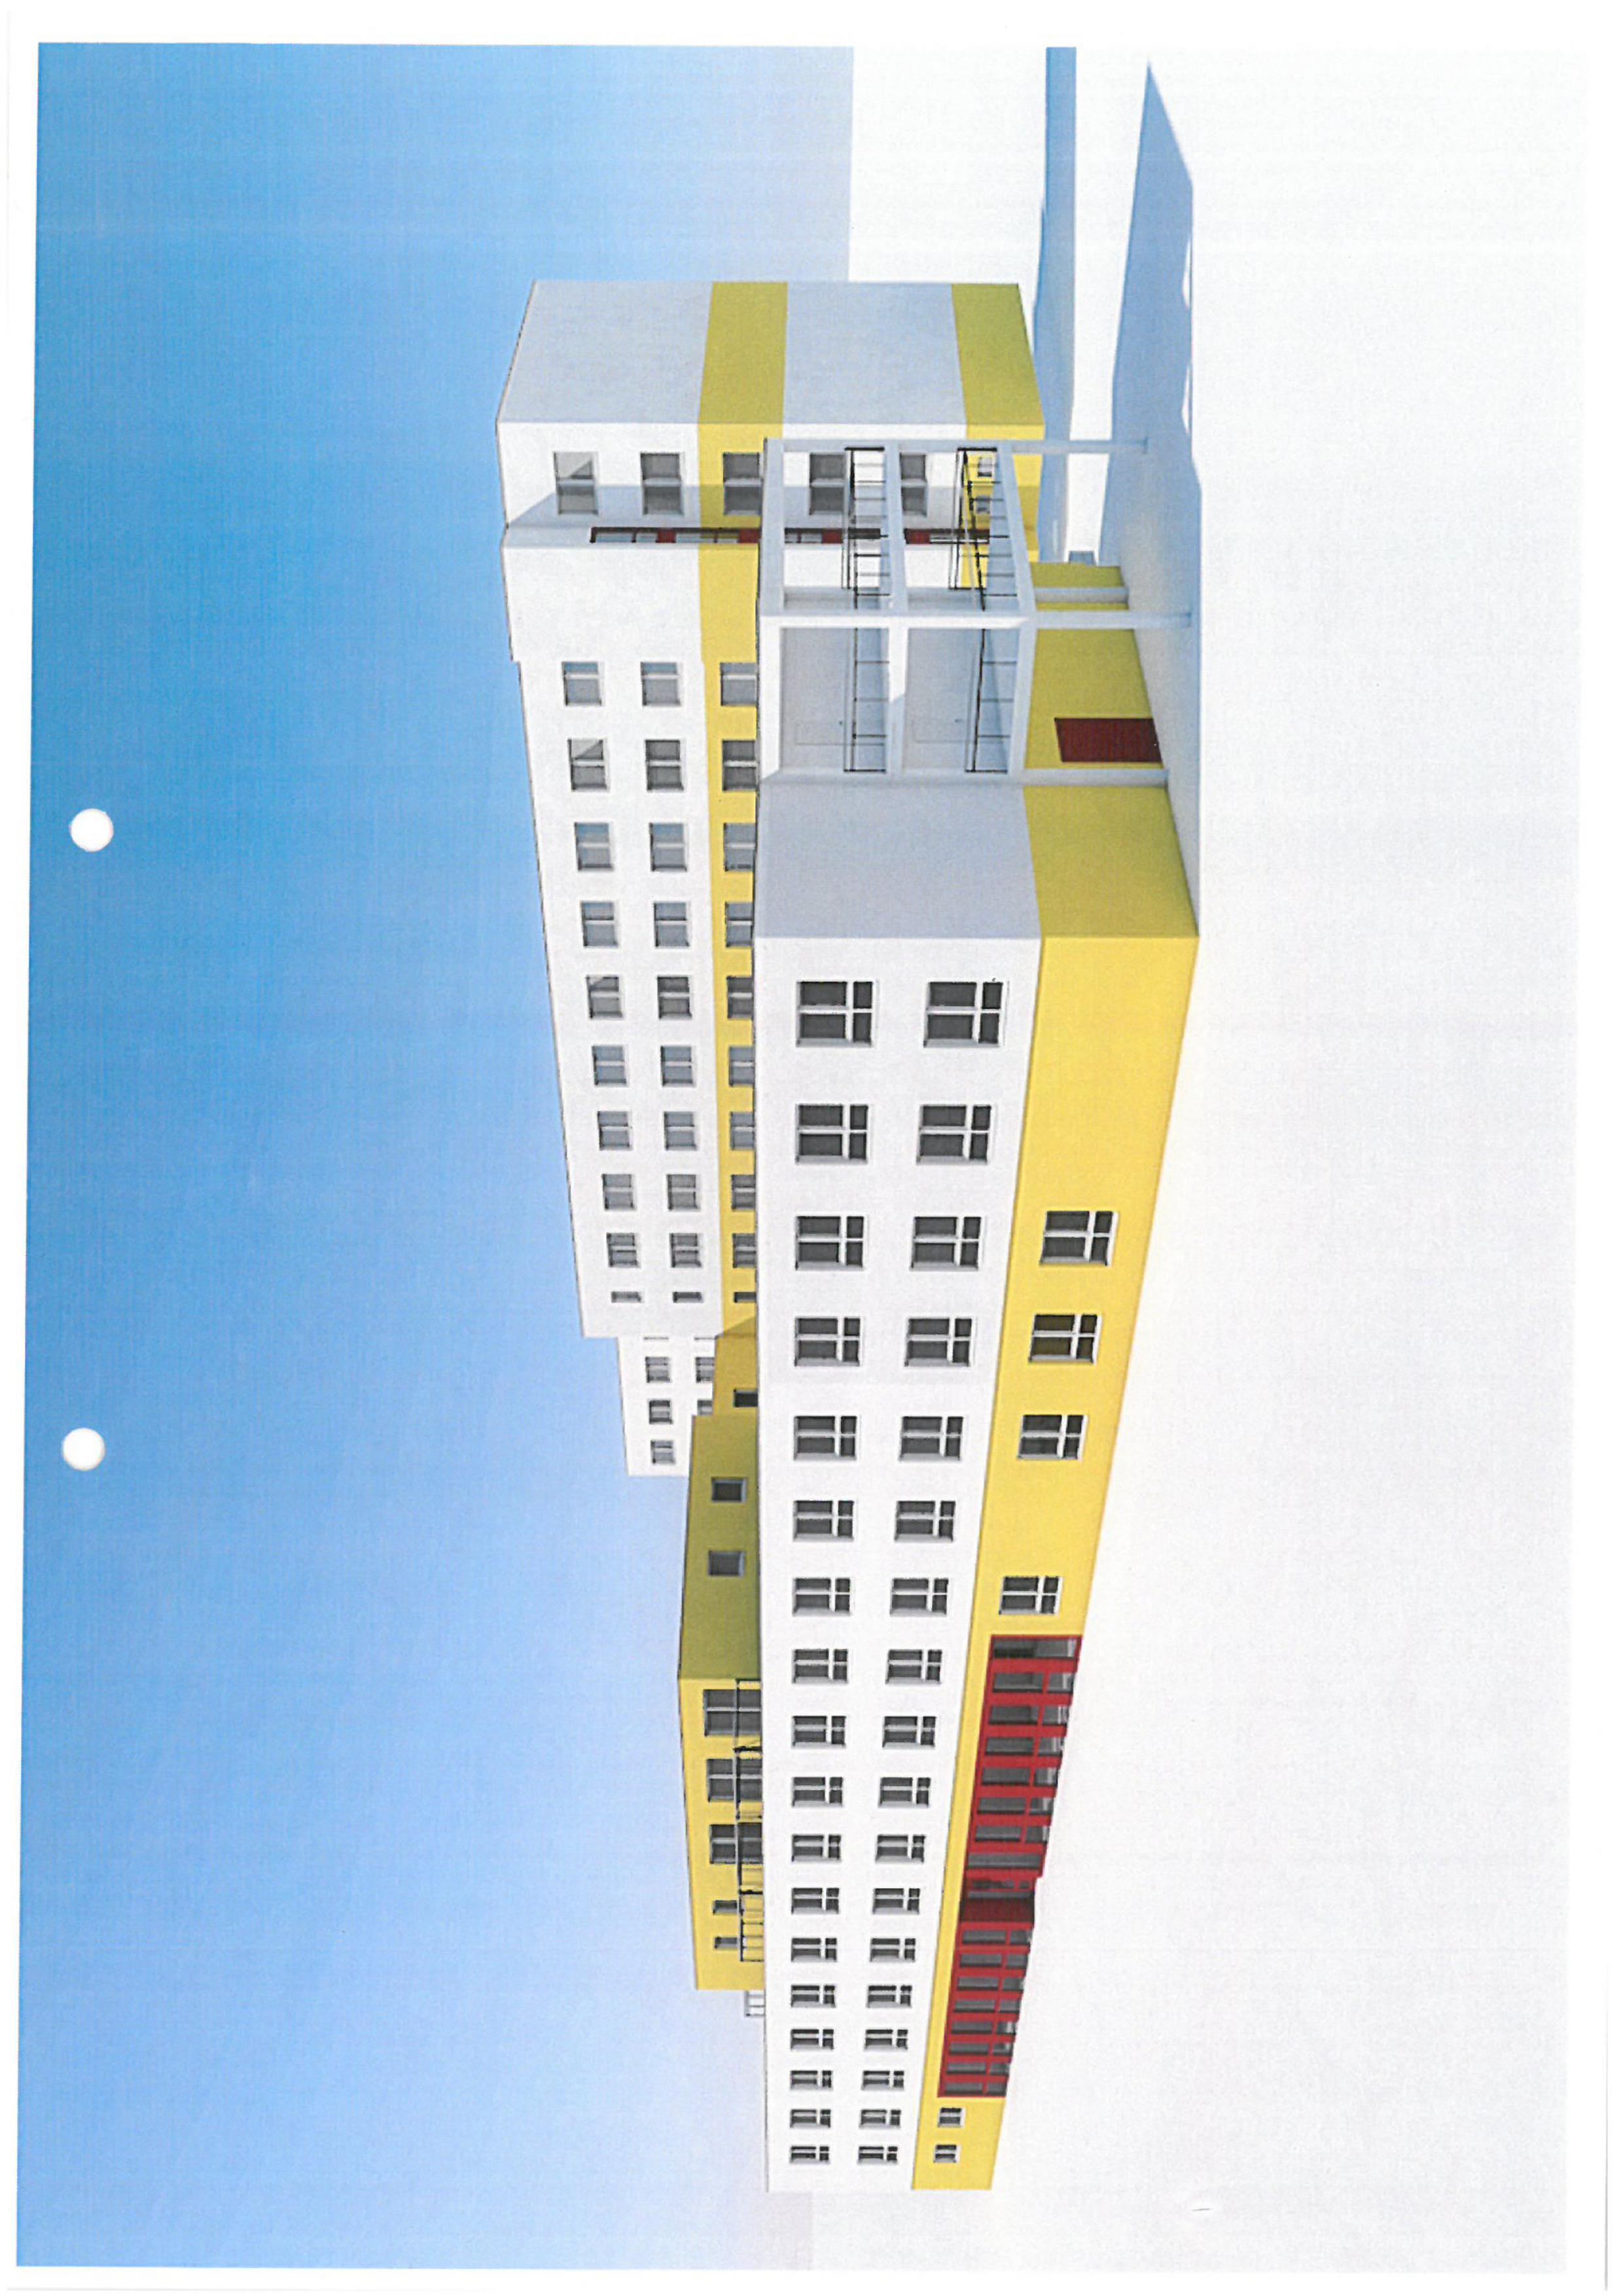 Umbau und Anbau ASB Seniorenheim